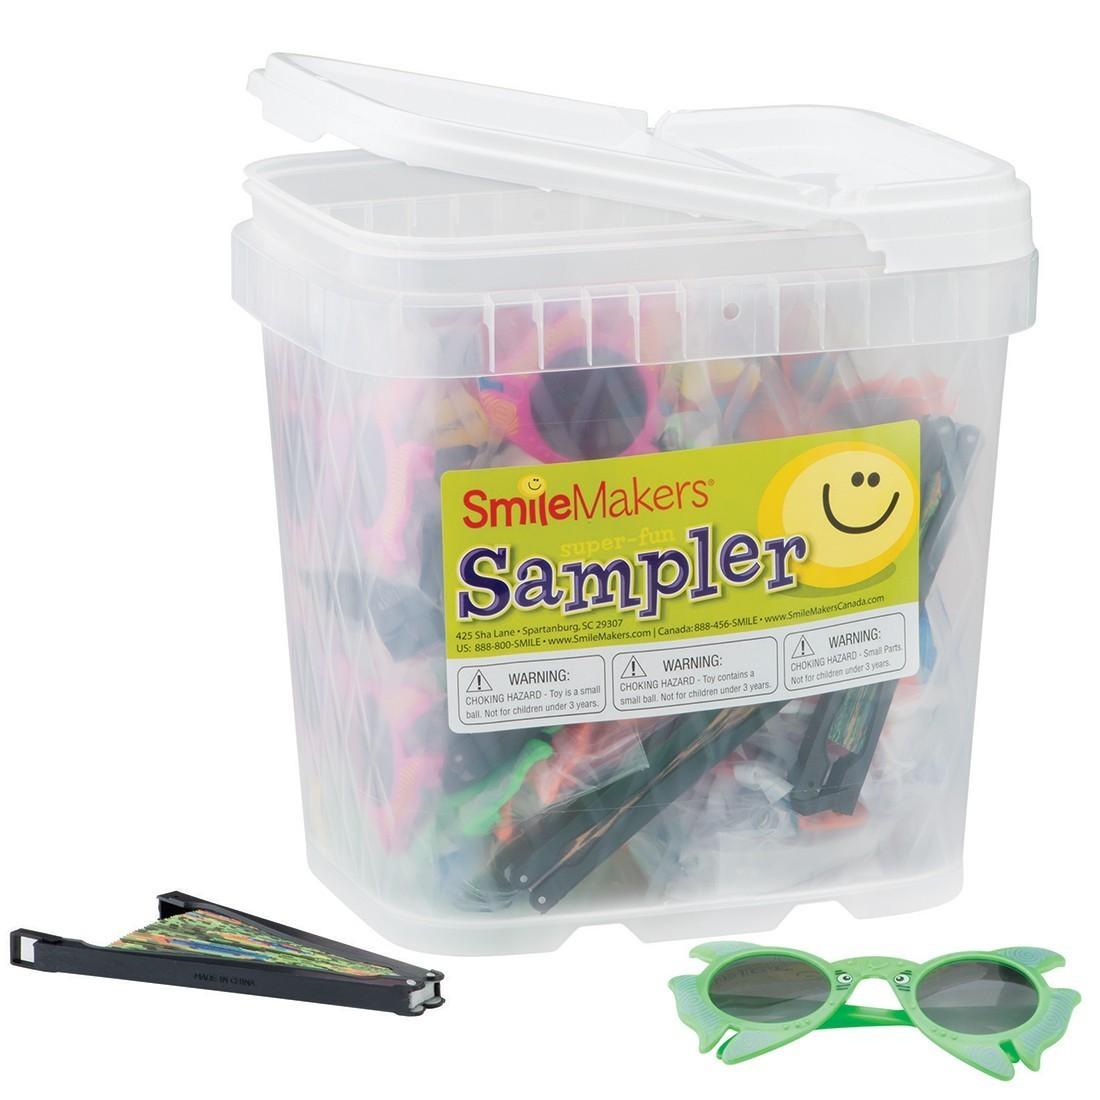 Summer Sampler [image]